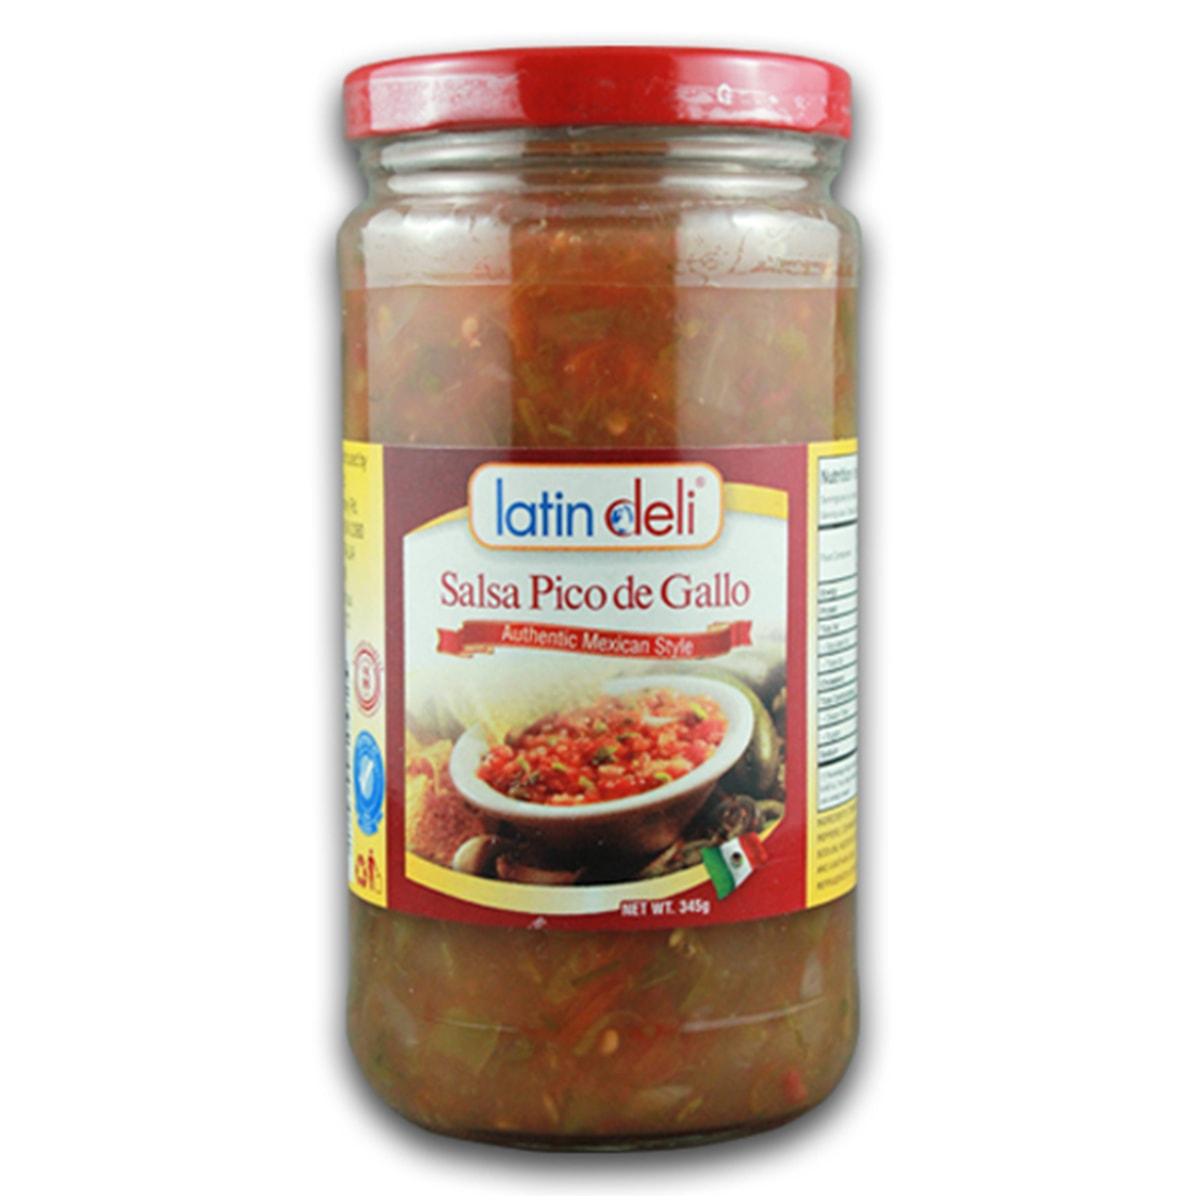 Buy Latin Deli Salsa Pico De Gallo - 345 gm